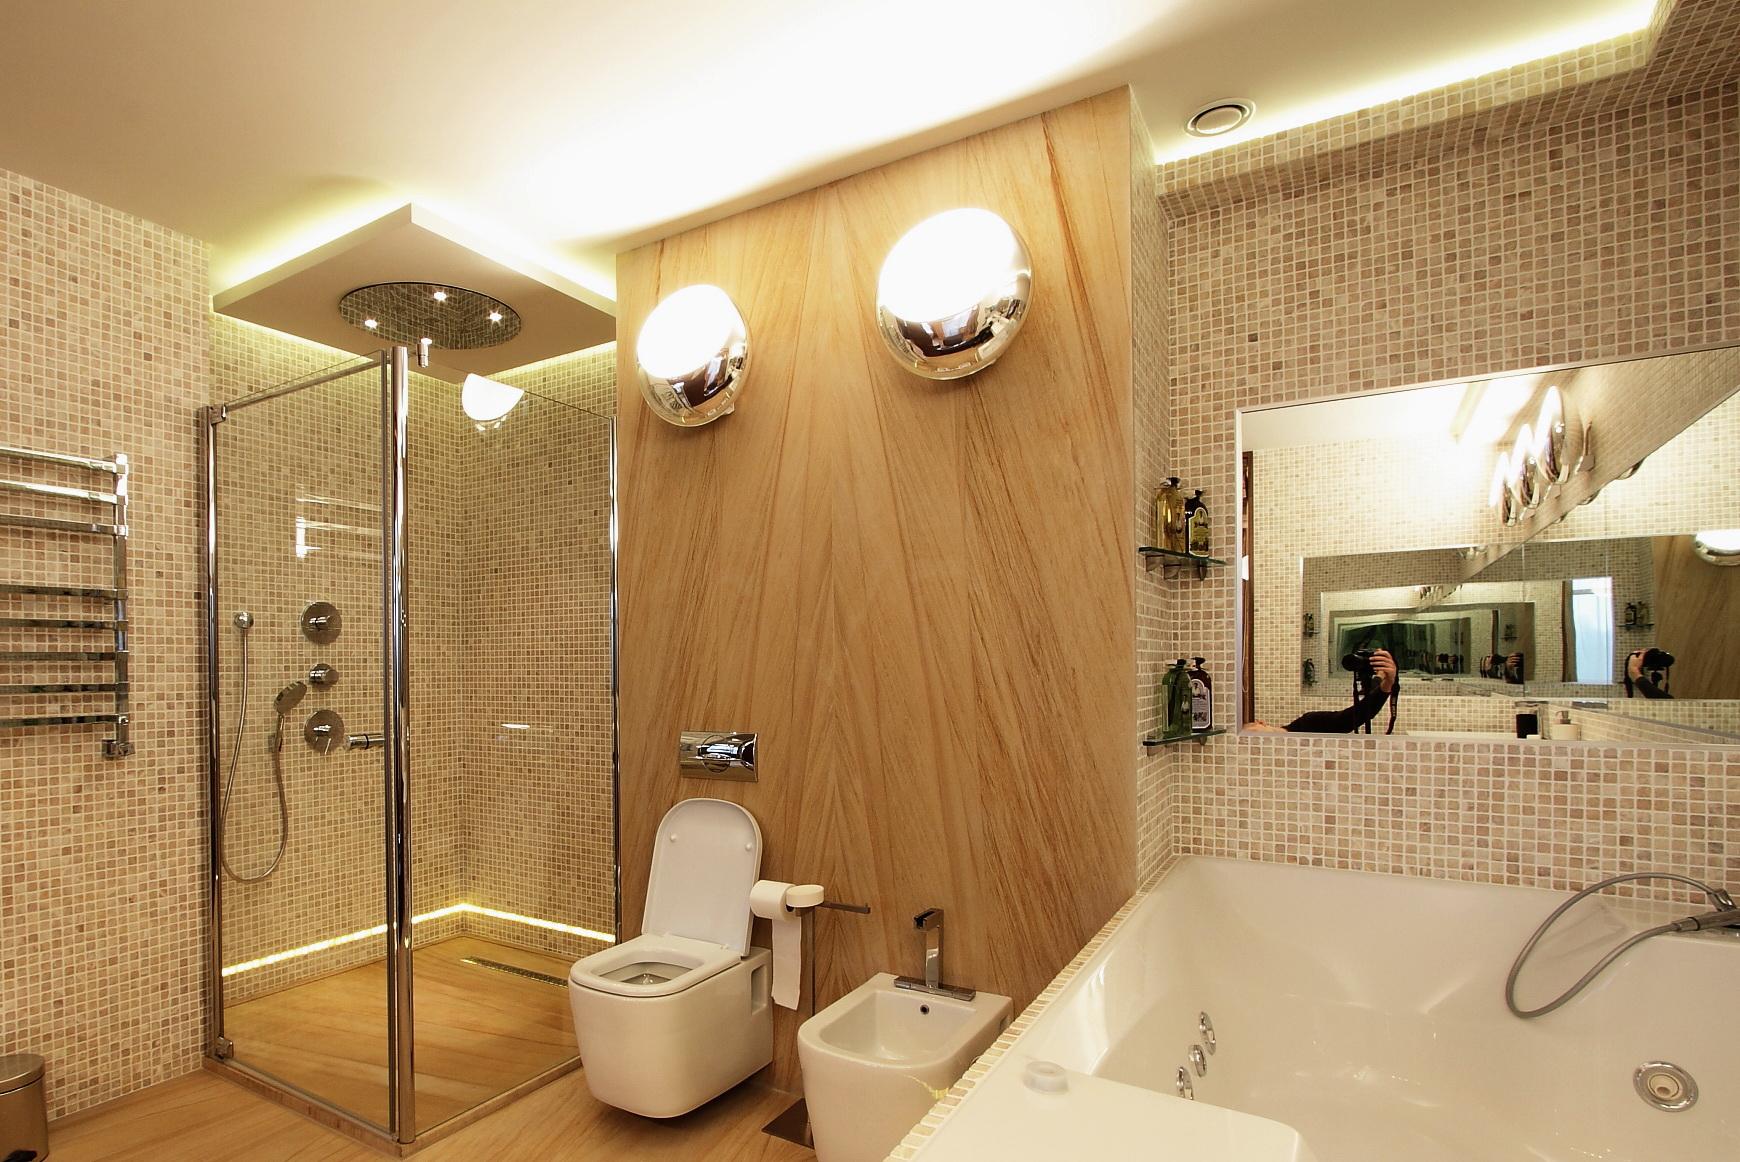 Светодиодное освещение ванной комнаты по периметру